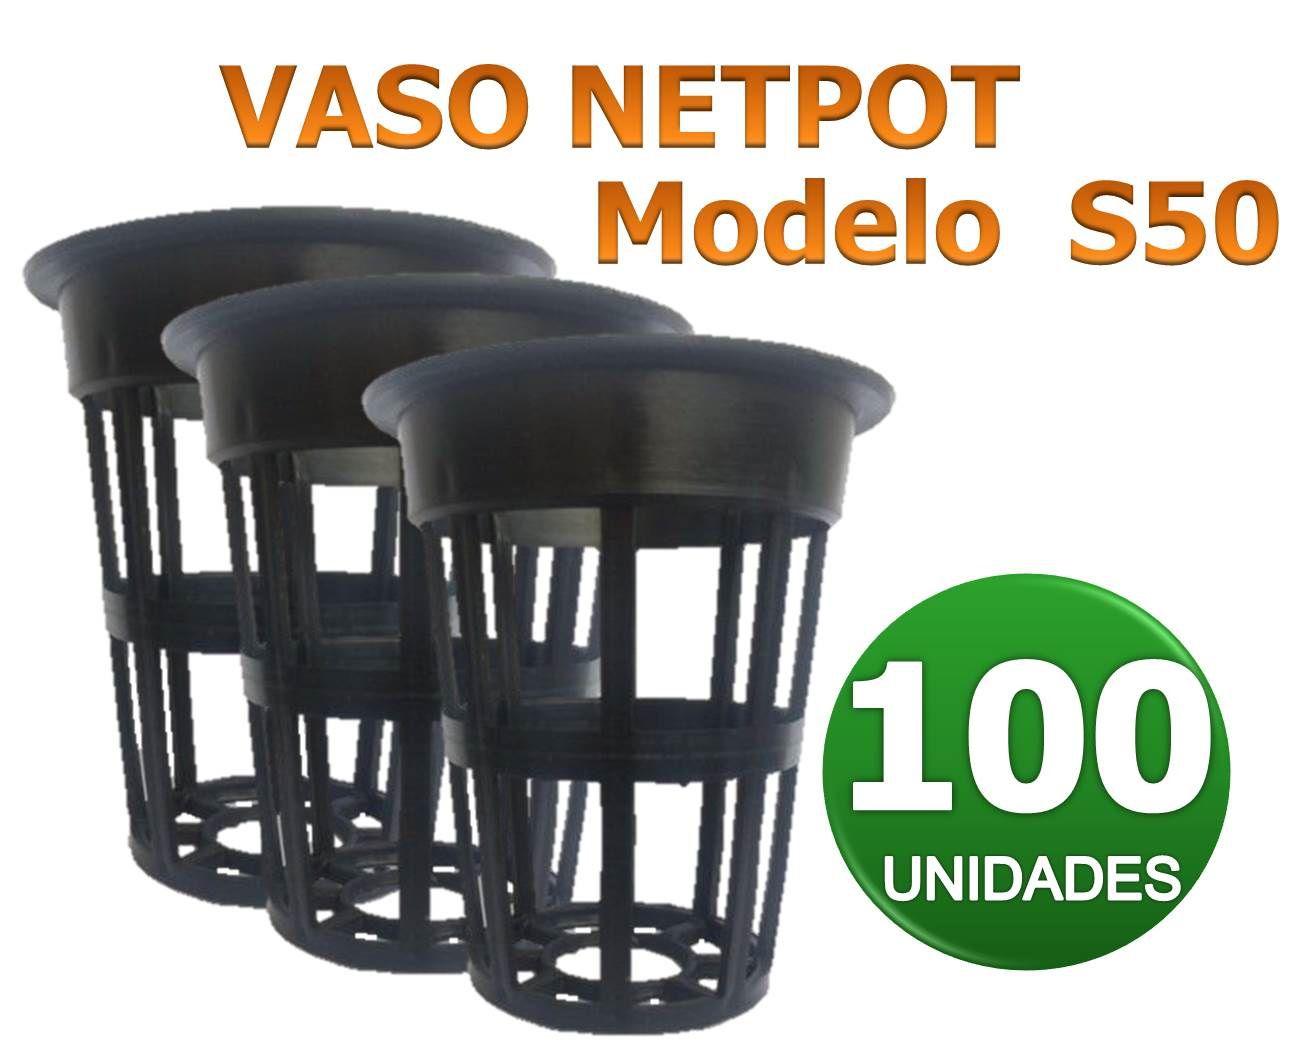 VASO NETPOT S50 - 100 UN